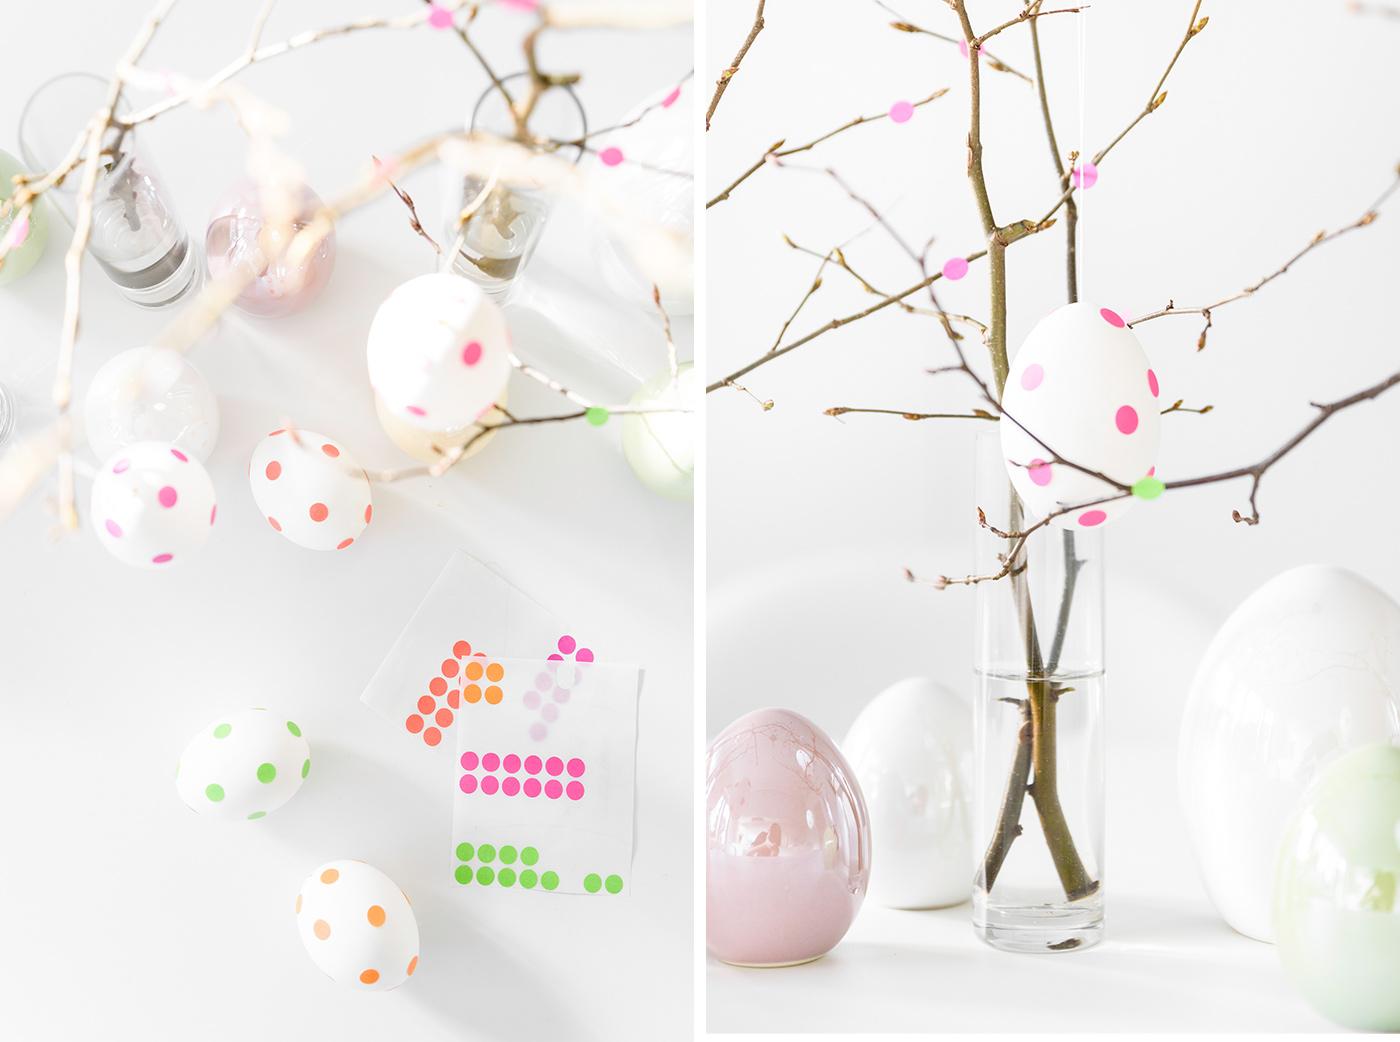 Eier bekleben - DIY Osterdeko